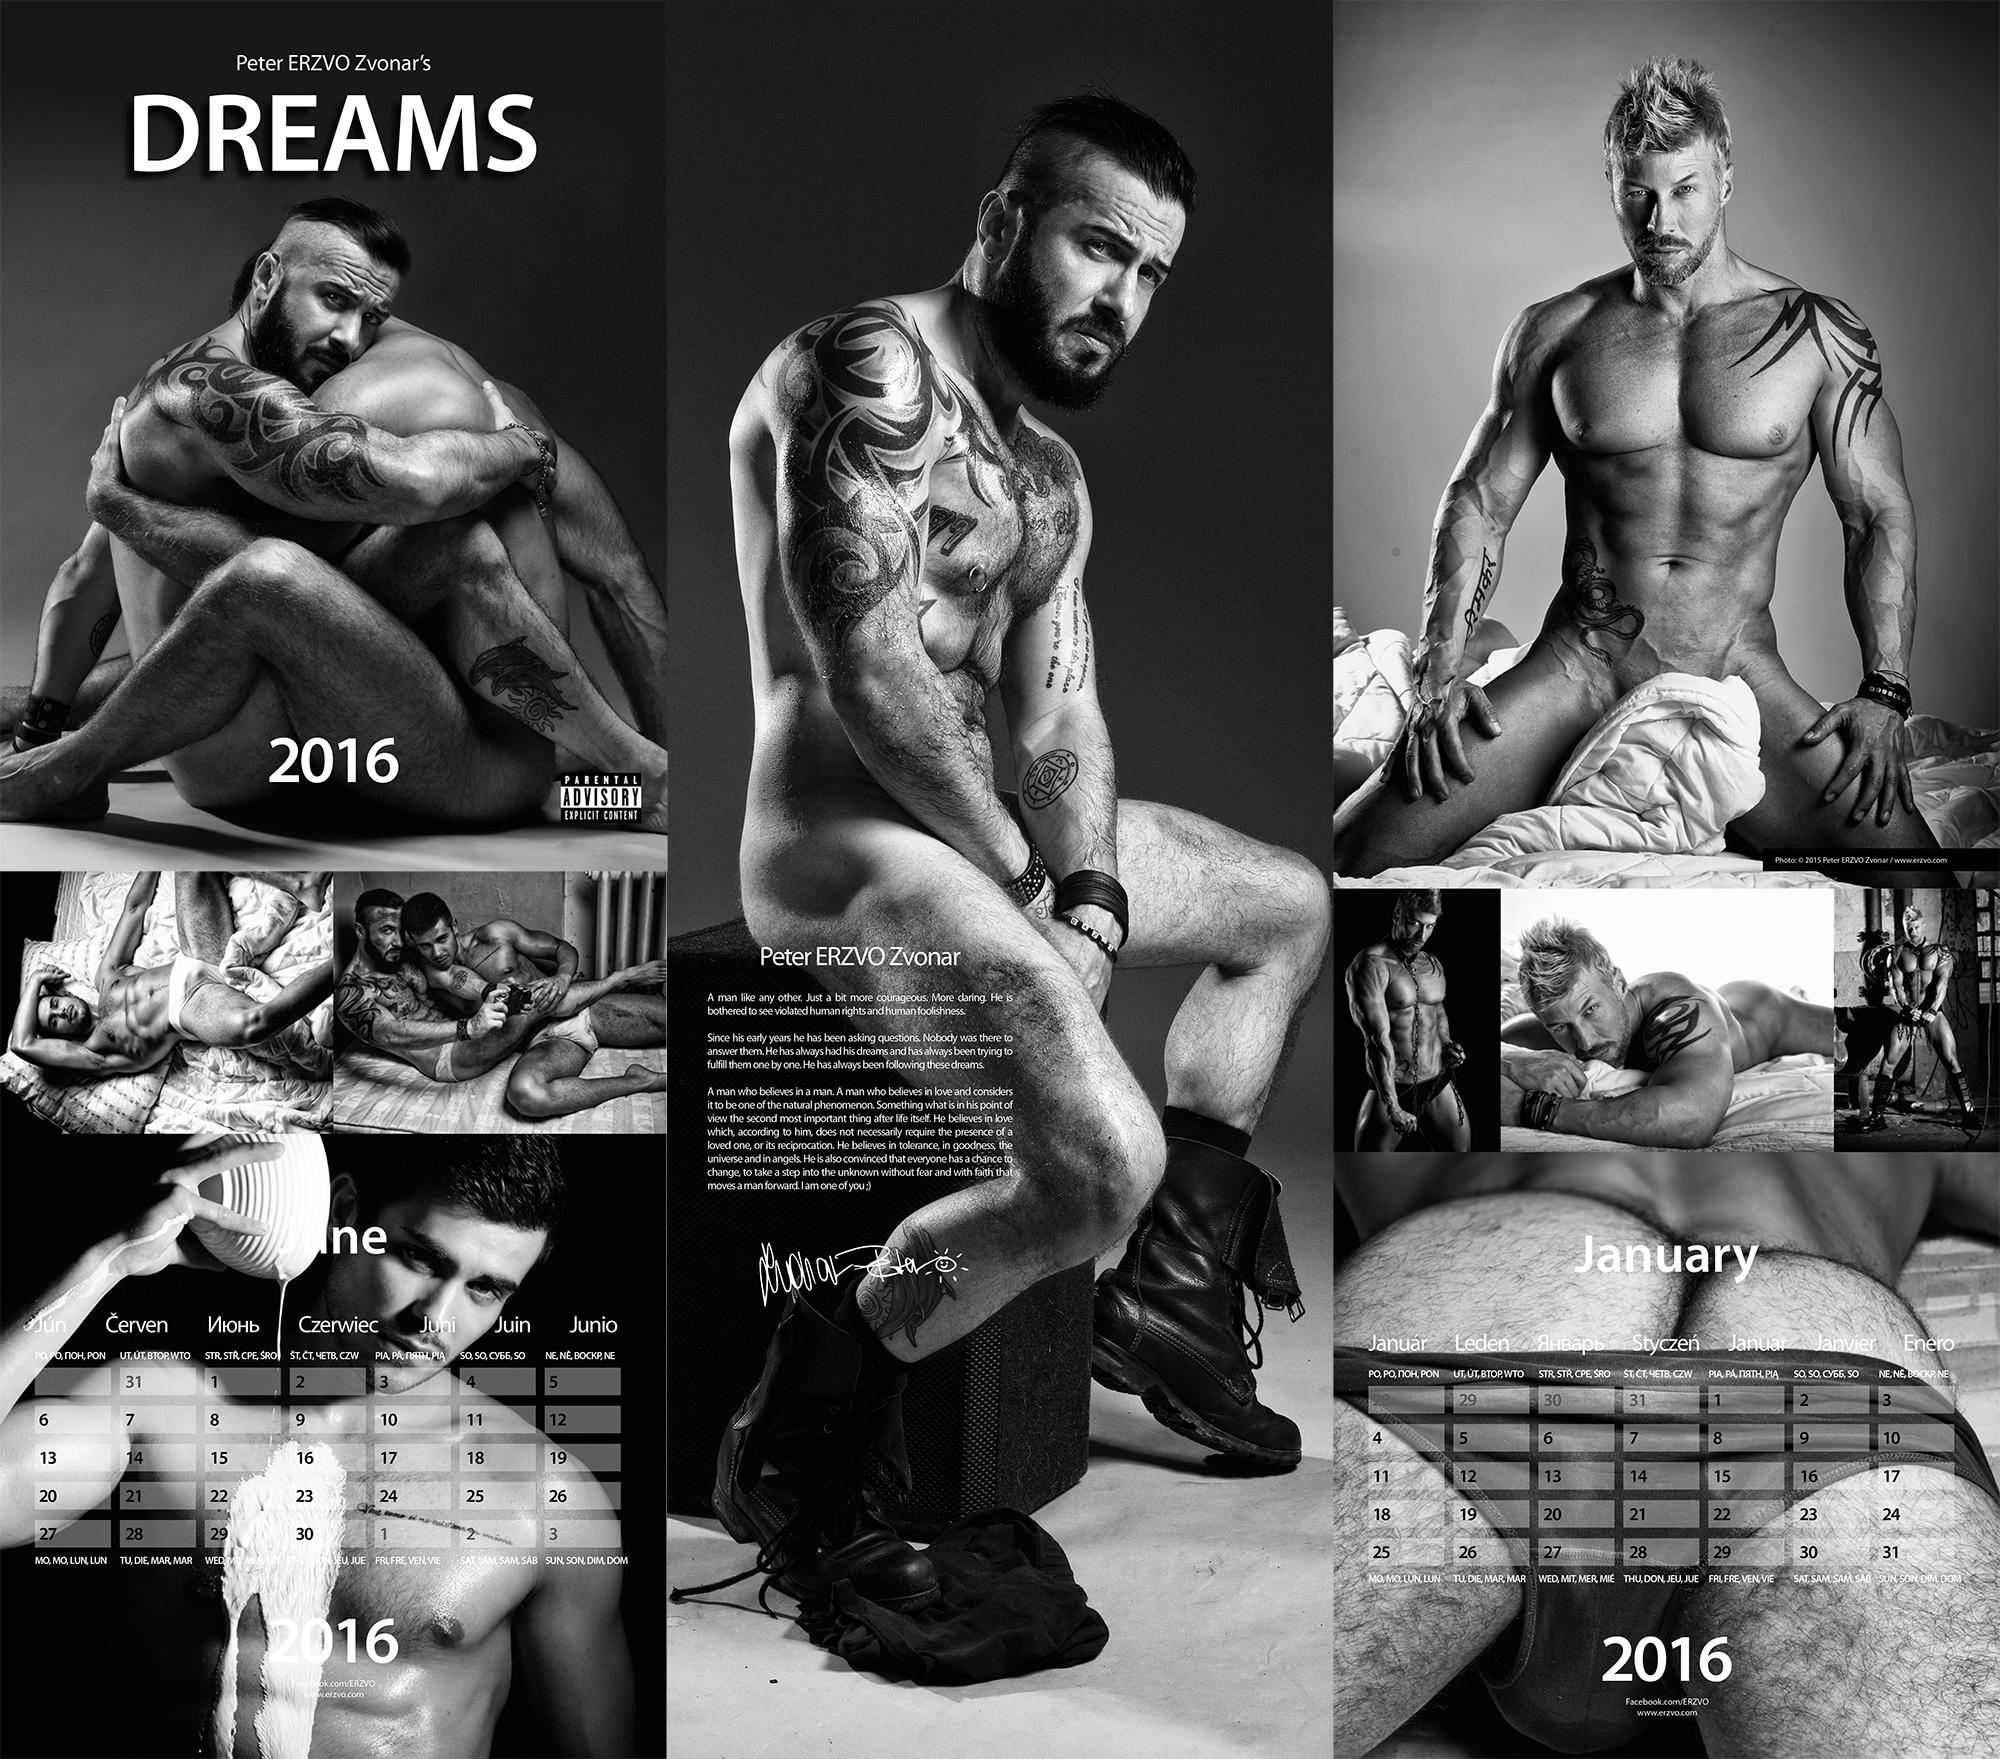 erzvo-dreams-calendar2016